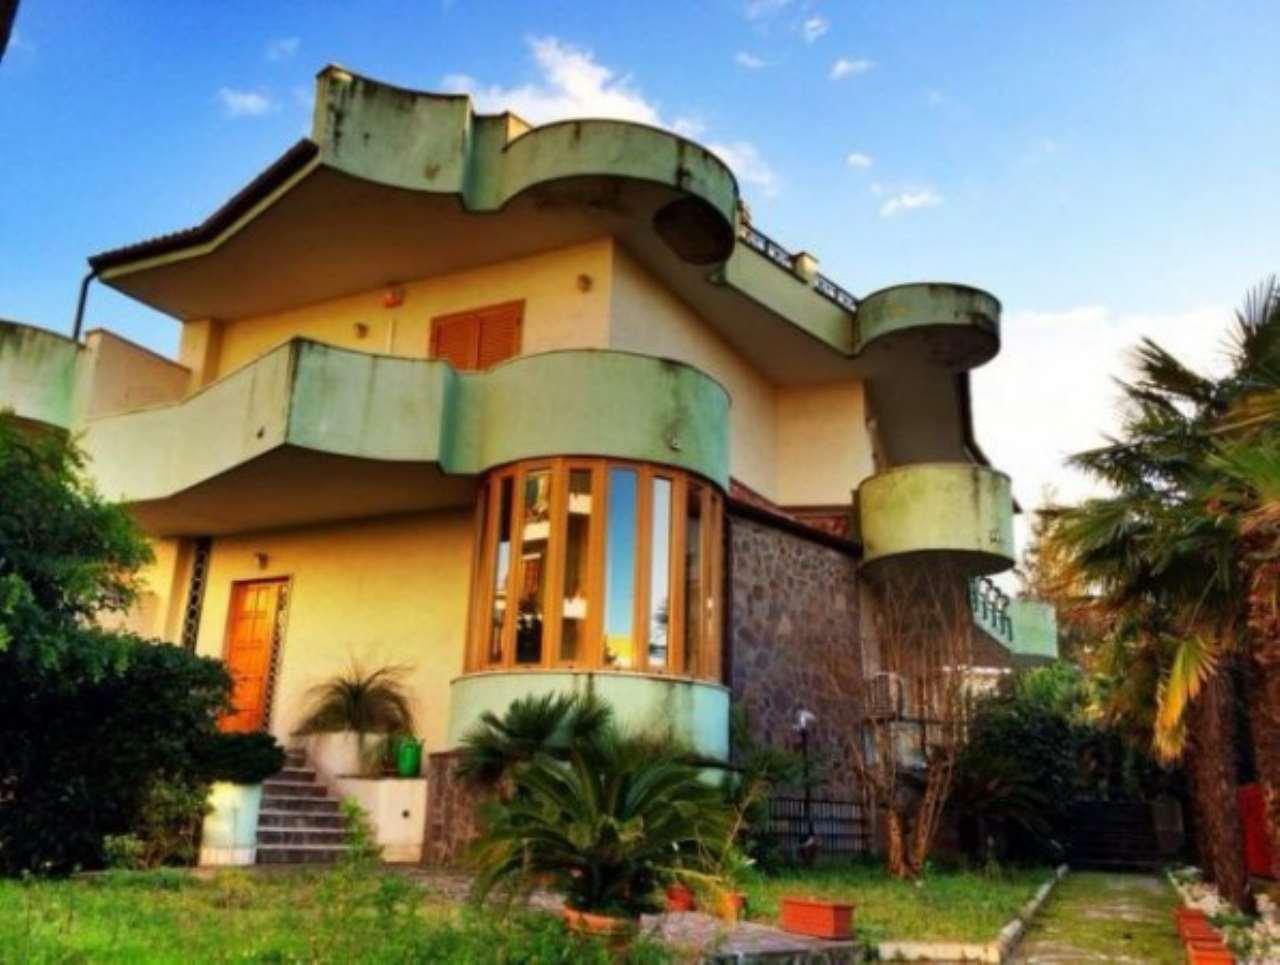 Villa in vendita a Somma Vesuviana, 15 locali, Trattative riservate | CambioCasa.it